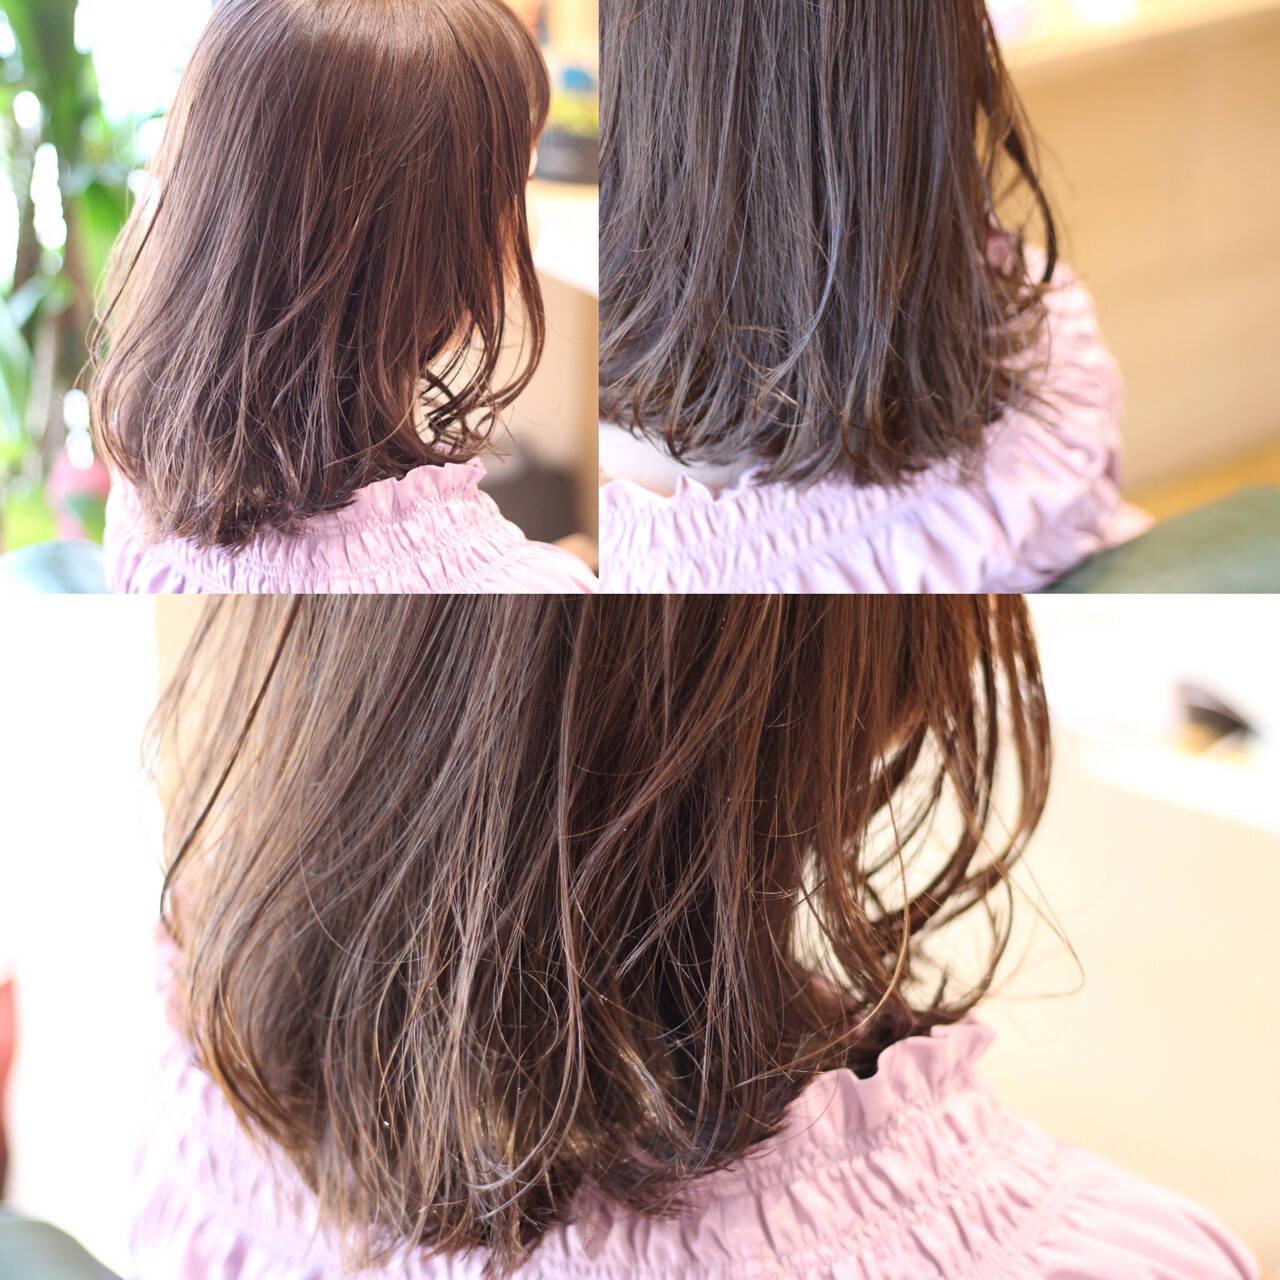 ナチュラル 黒髪 ミディアム アッシュヘアスタイルや髪型の写真・画像